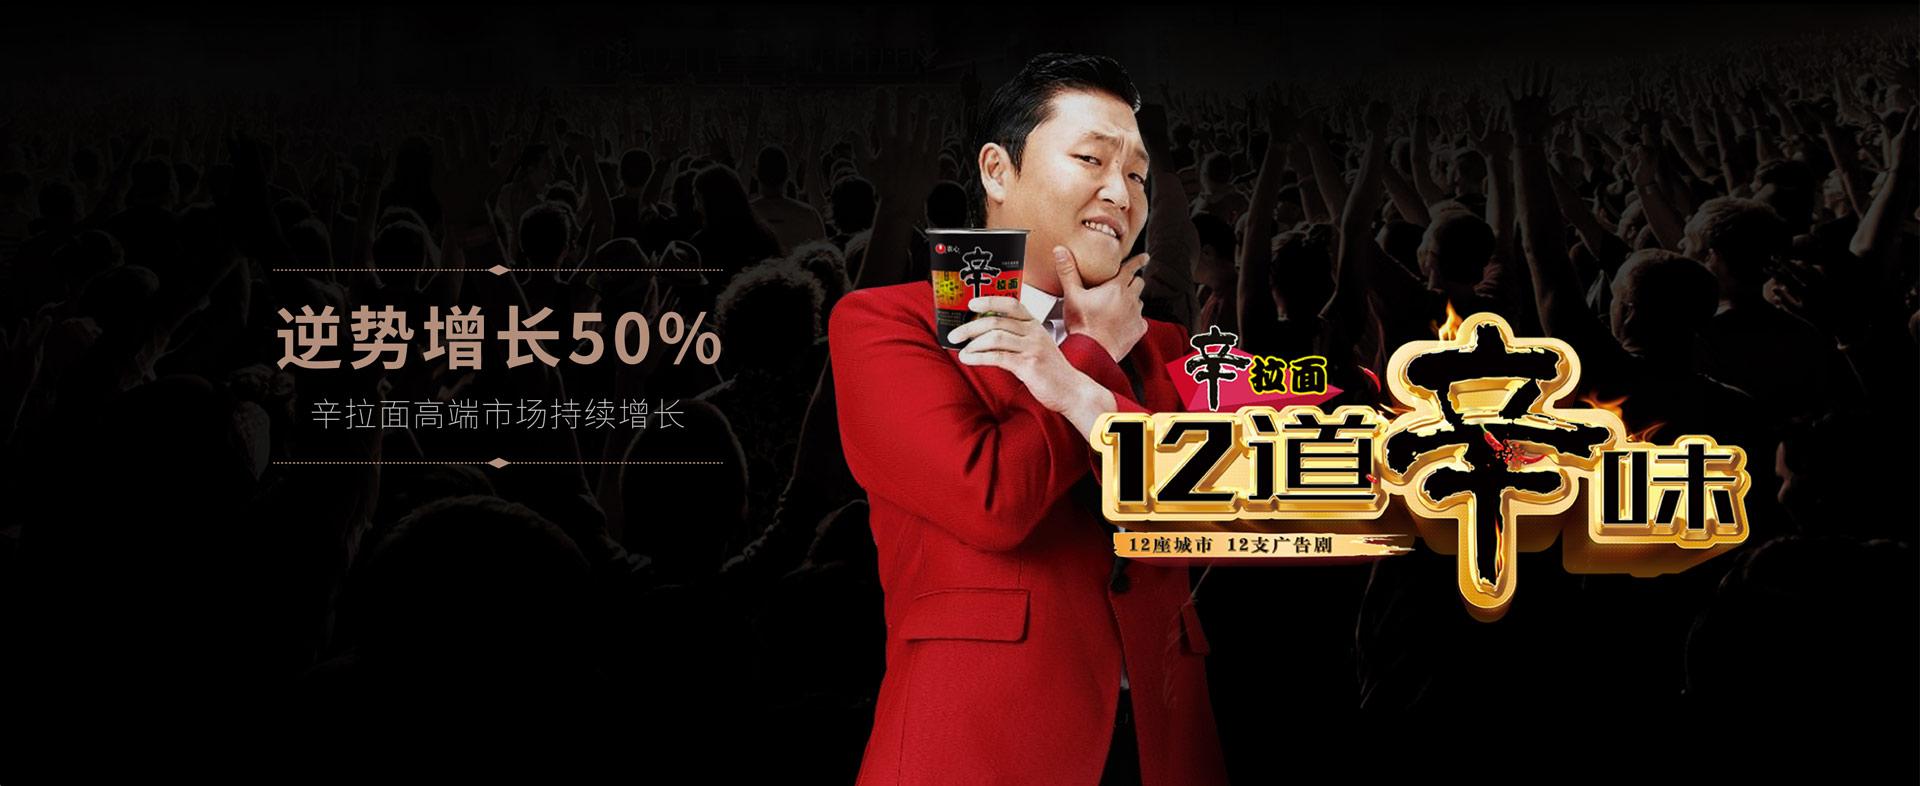 """上海营销策划公司案例:韩国辛拉面""""领跑高端方便面市场逆势增长50%"""